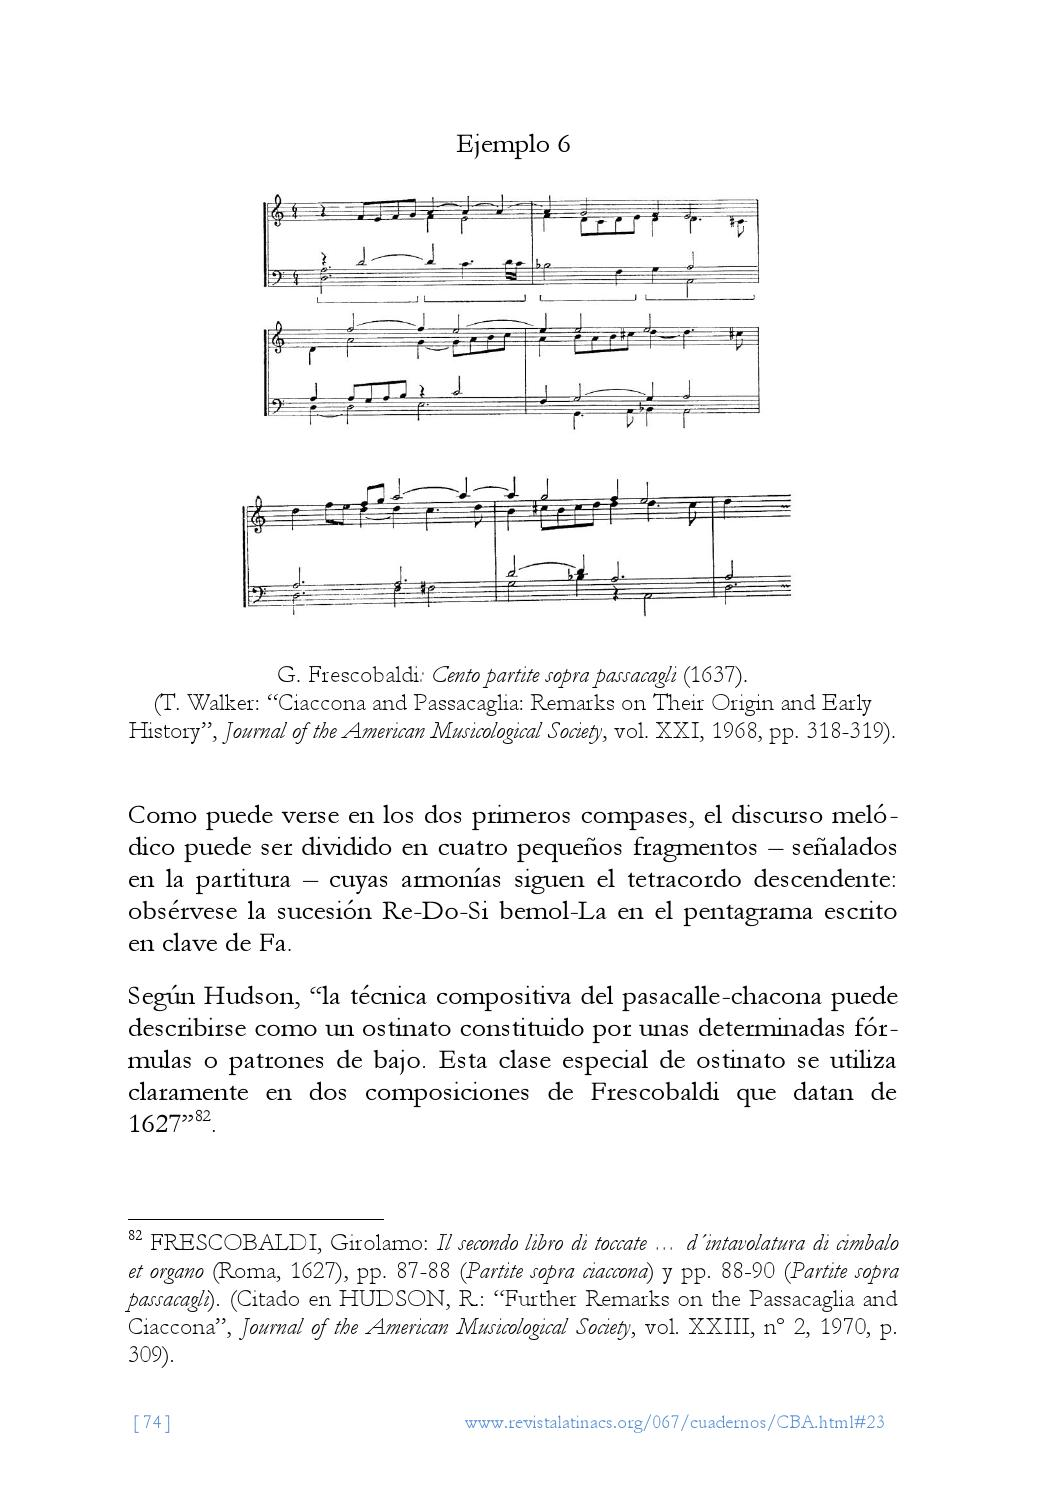 Cba23 by José Manuel de-Pablos-Coello - issuu